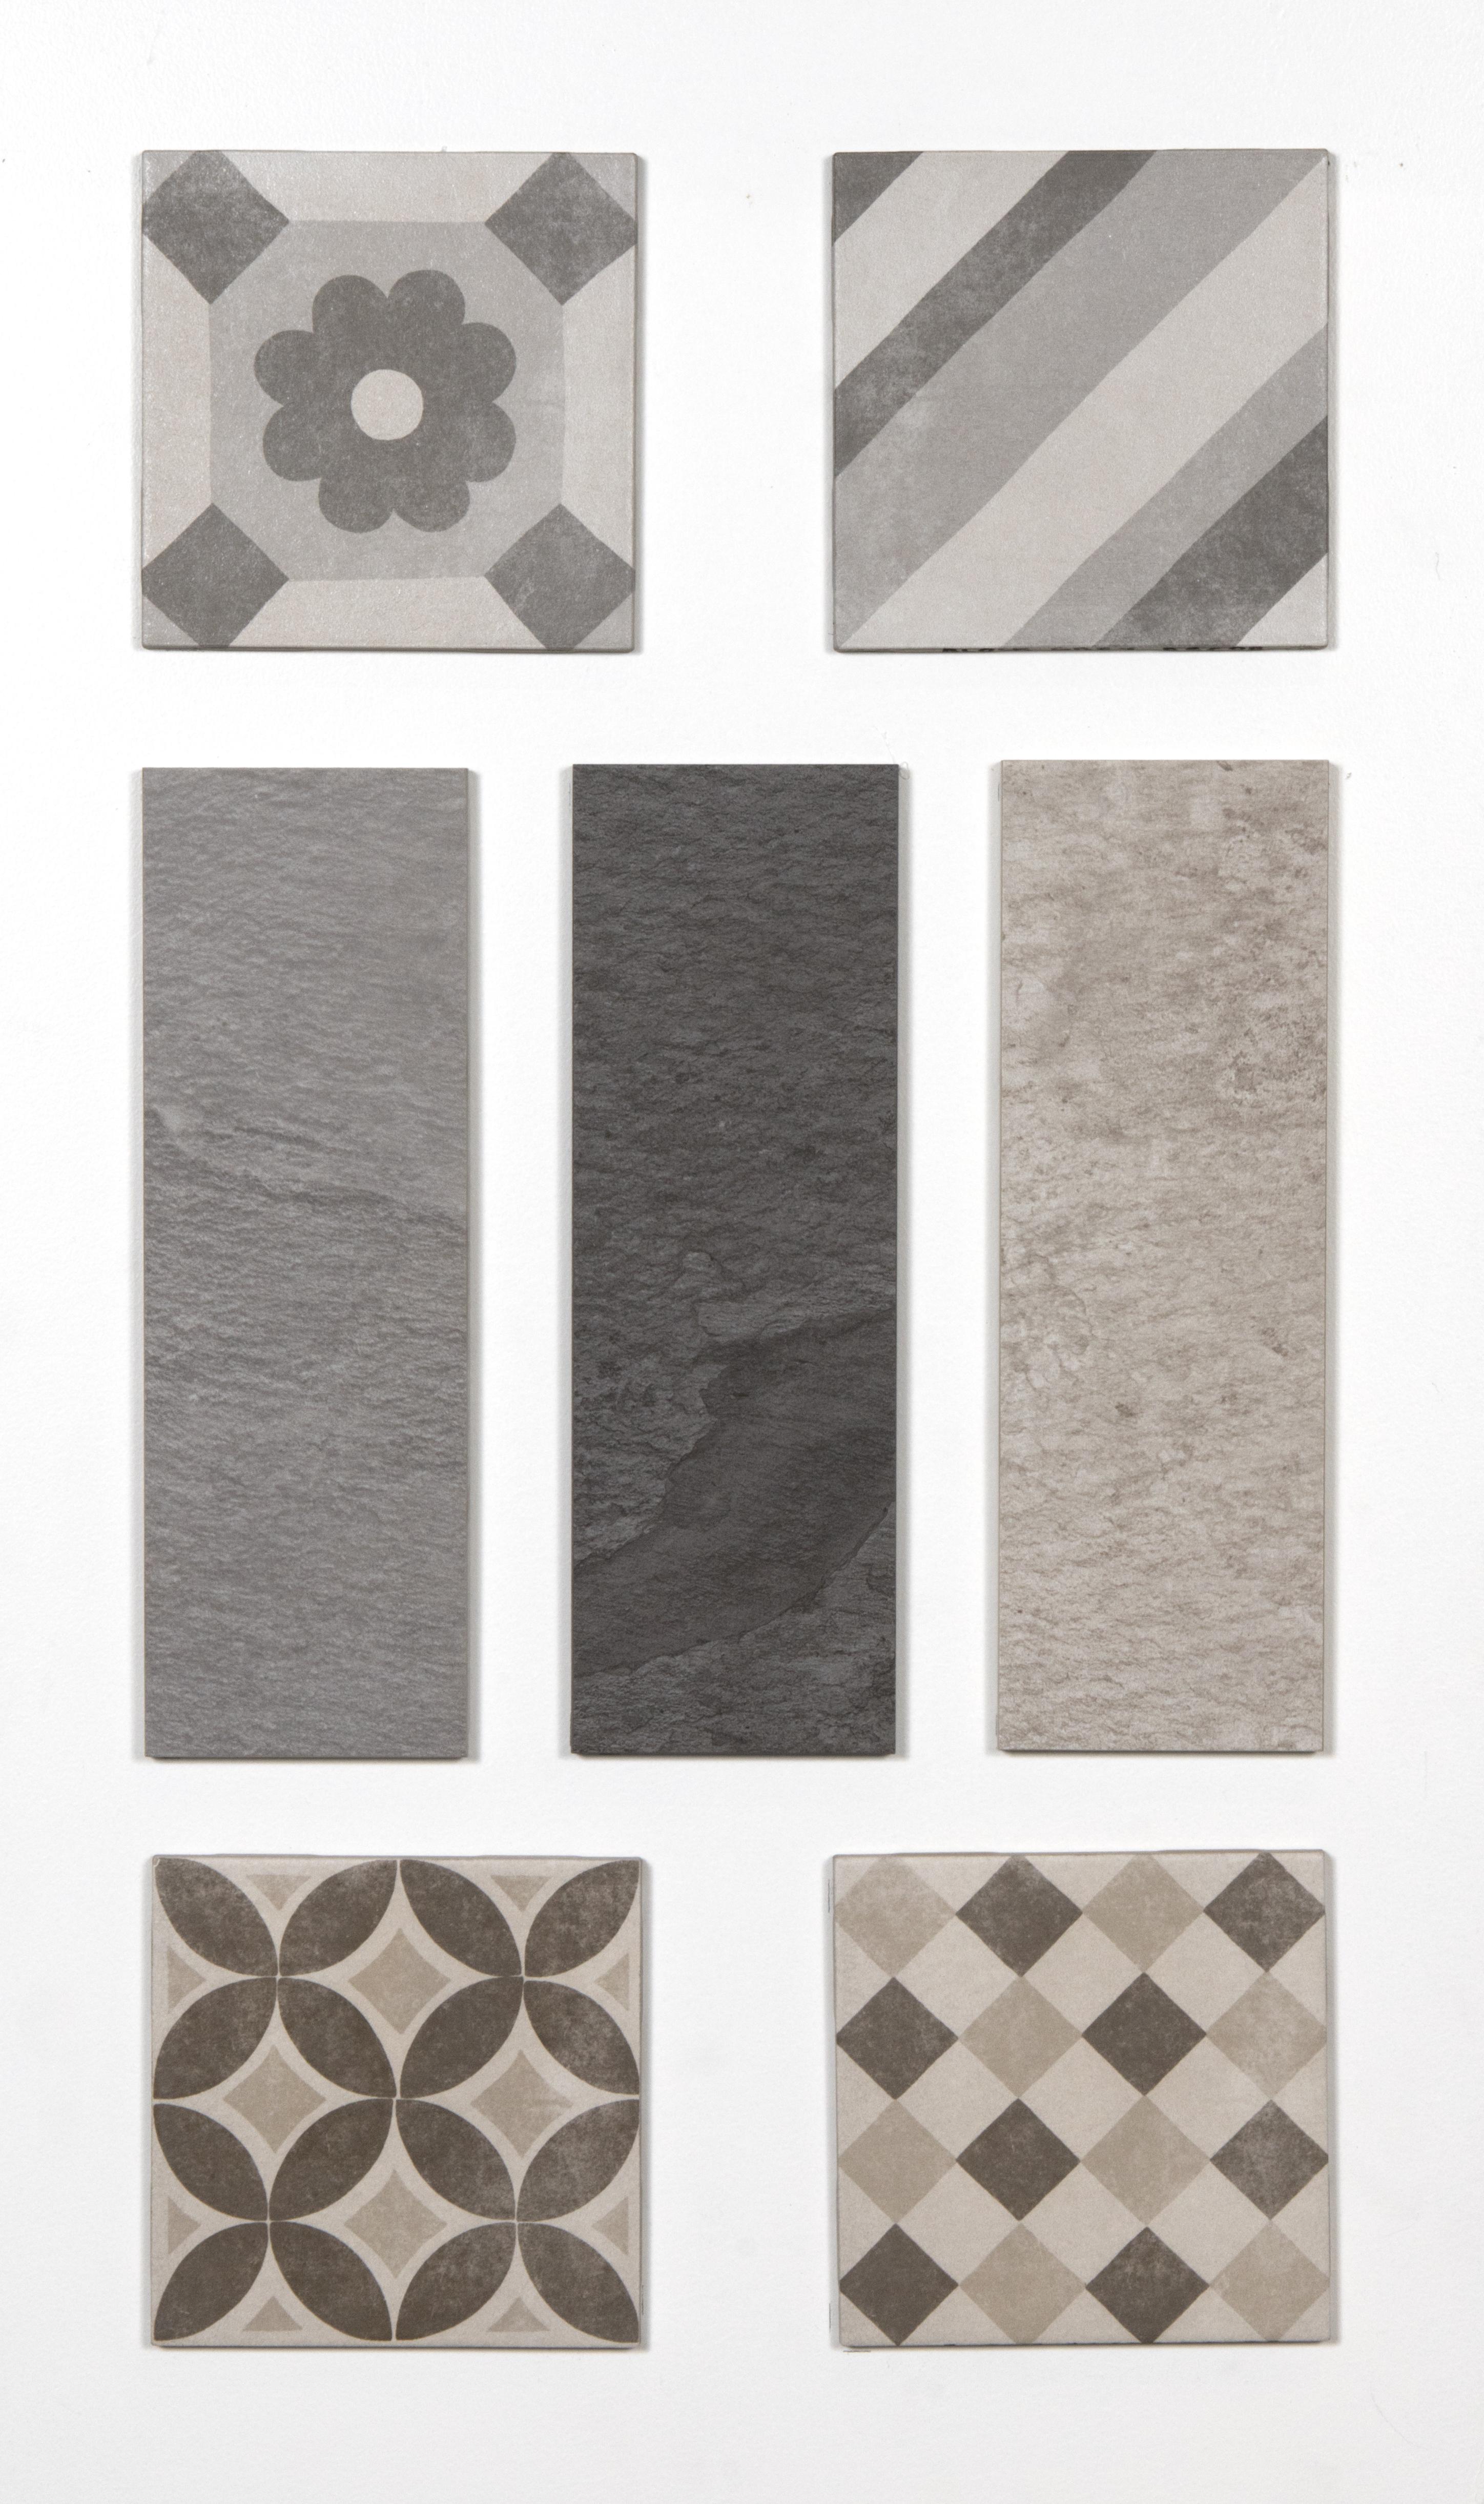 Ottawa ceramic tile gallery tile flooring design ideas ceramic tile ottawa images tile flooring design ideas ottawa ceramic tile images tile flooring design ideas doublecrazyfo Gallery